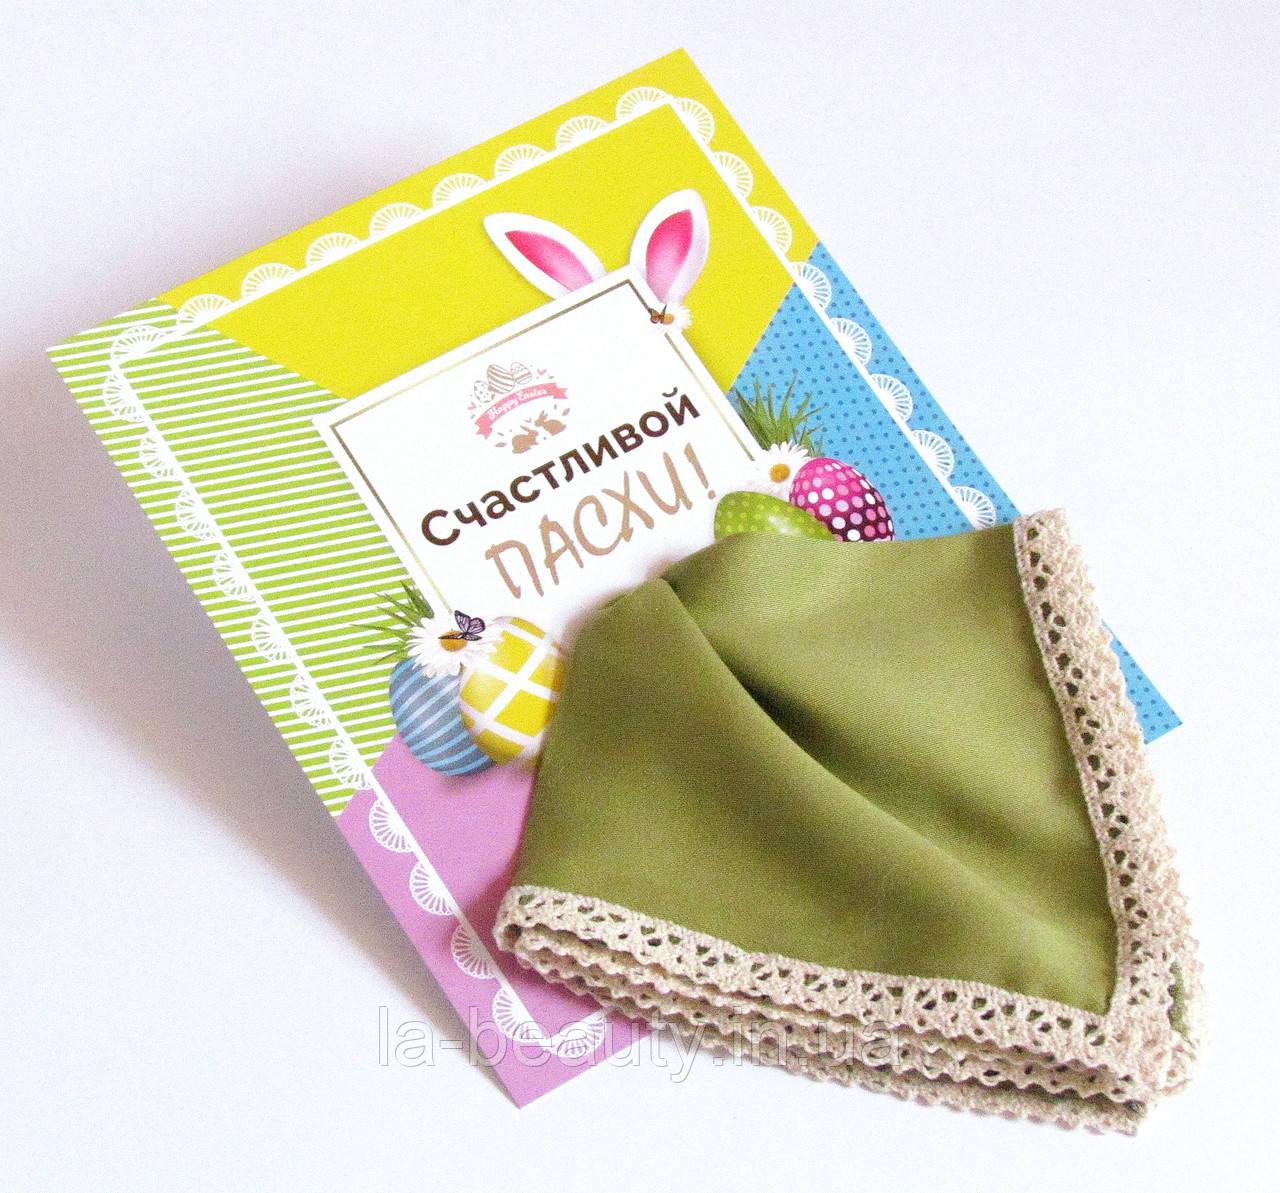 Подарочный носовой платок на открытке Счастливой пасхи! оливковый